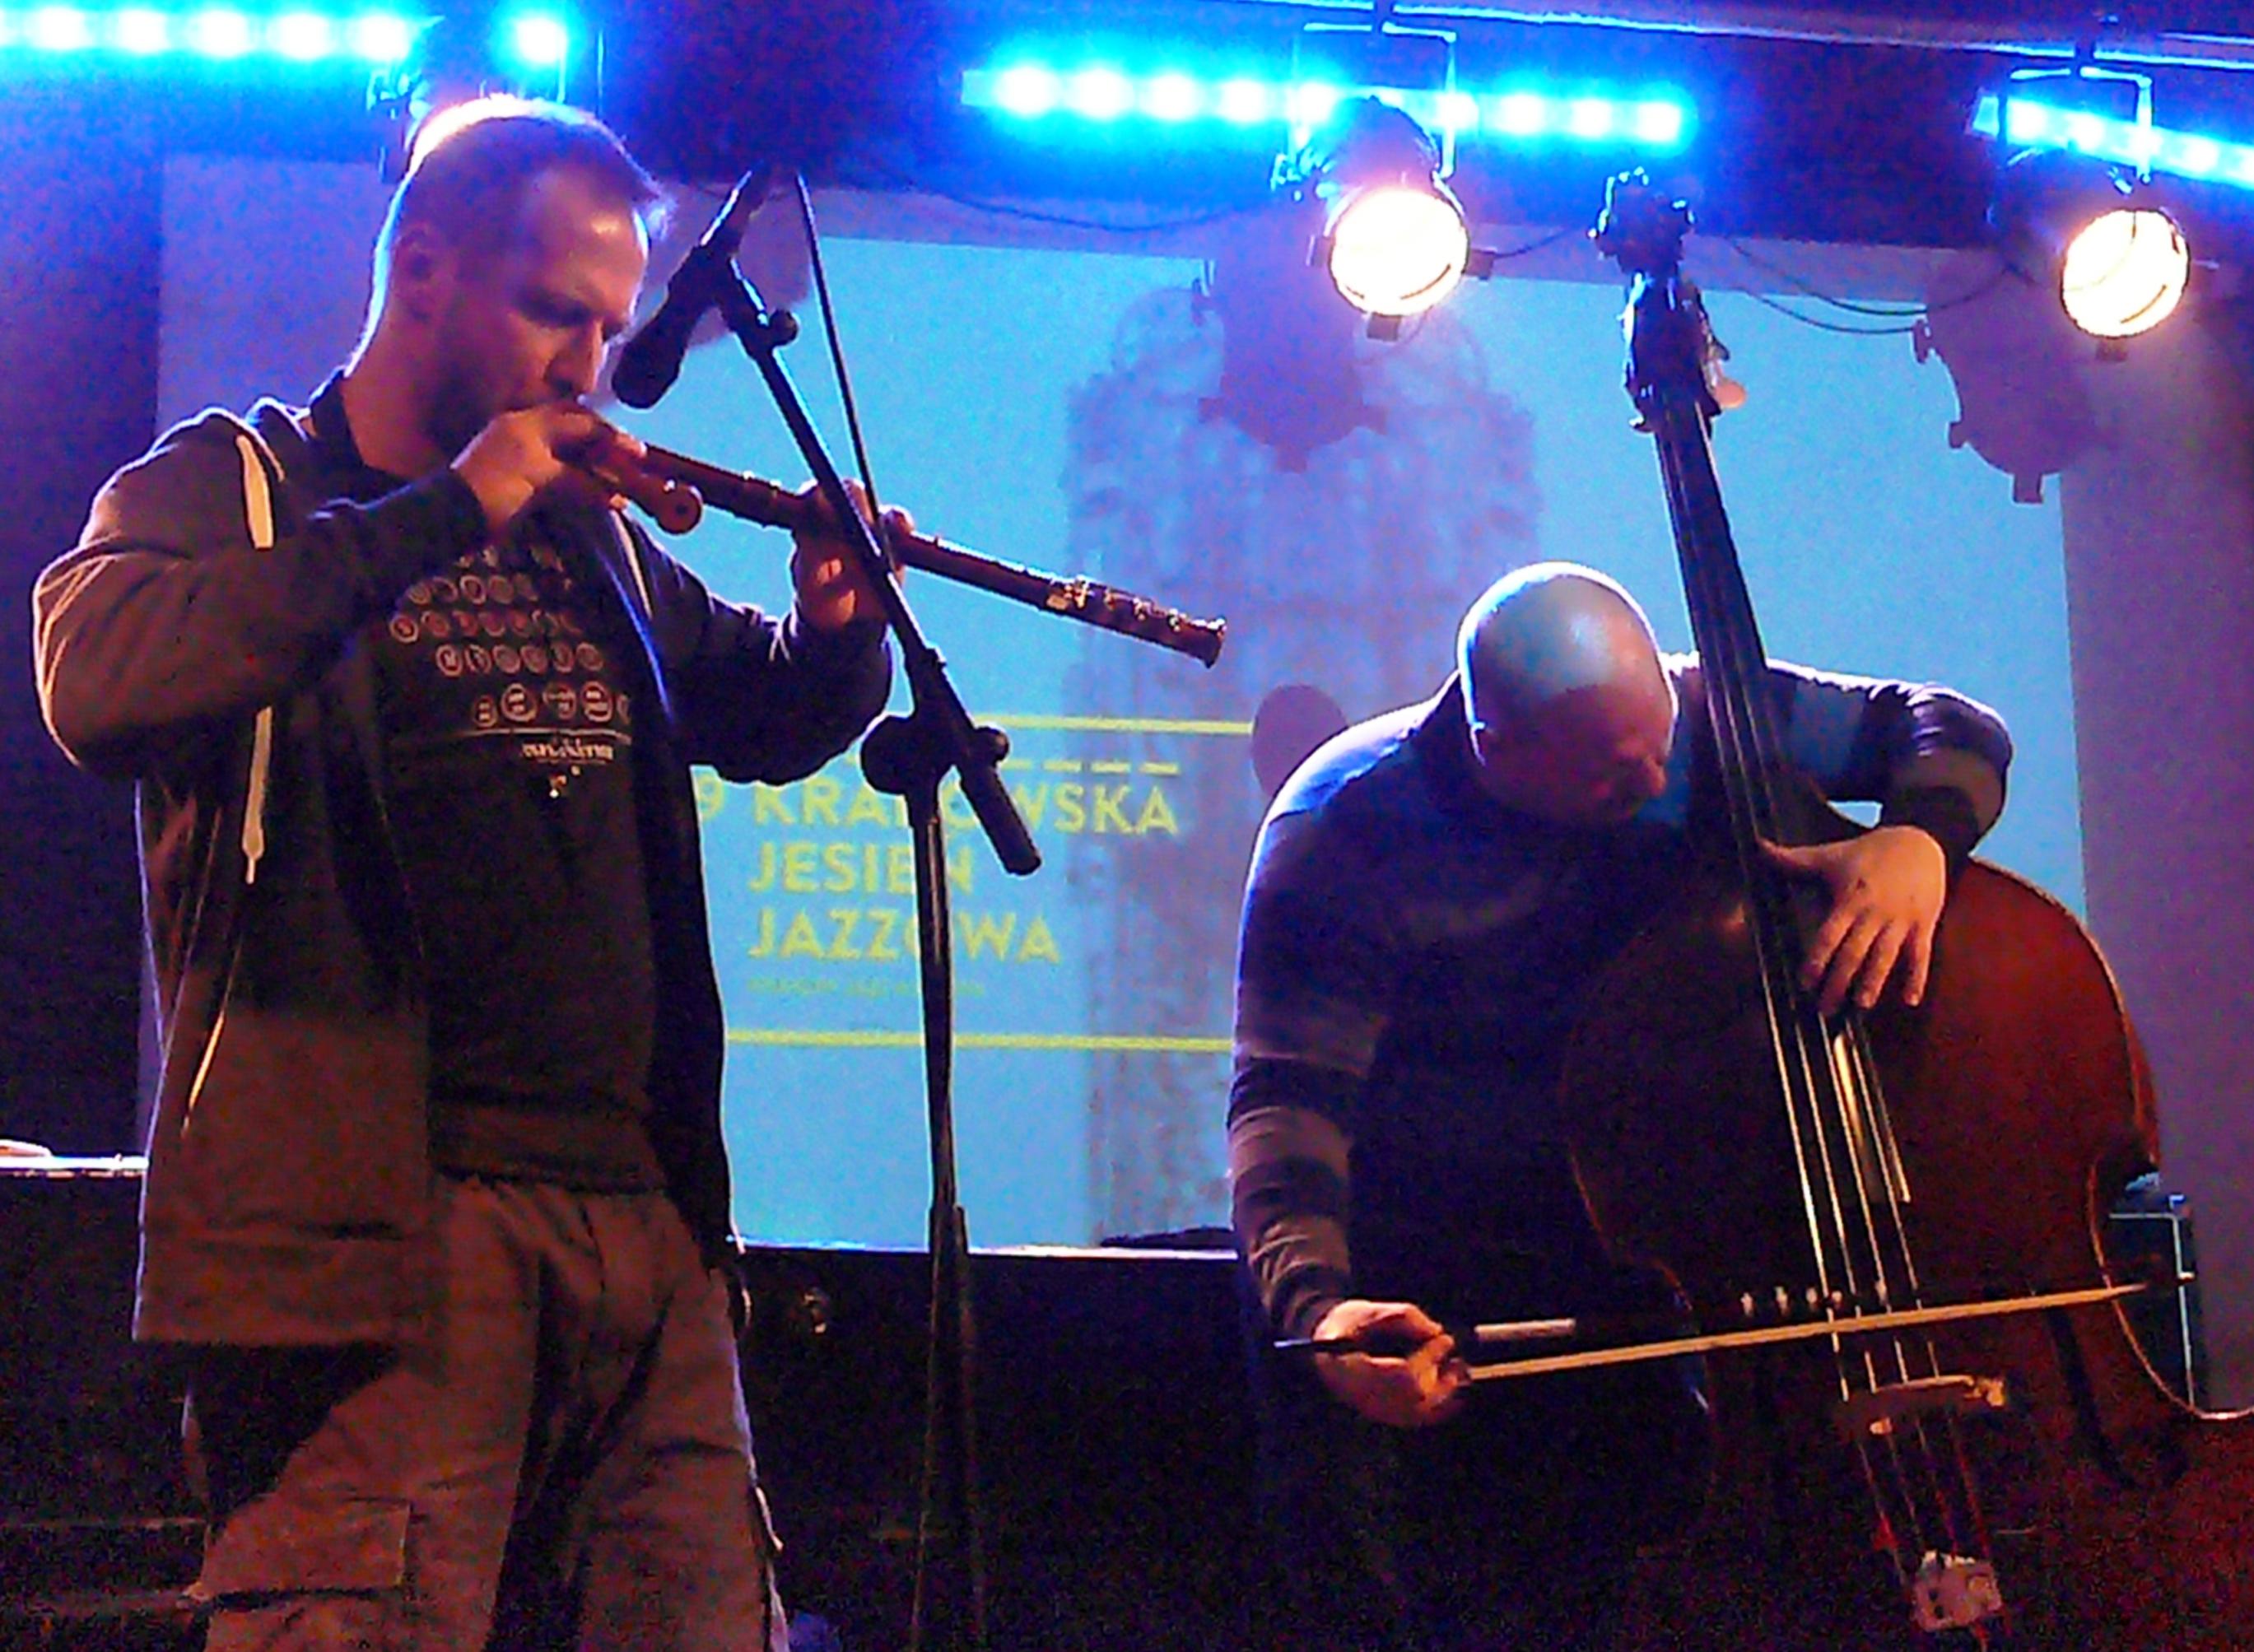 Dominik Strycharski and Ksawery Wojcinski at Alchemia, Krakow in November 2014